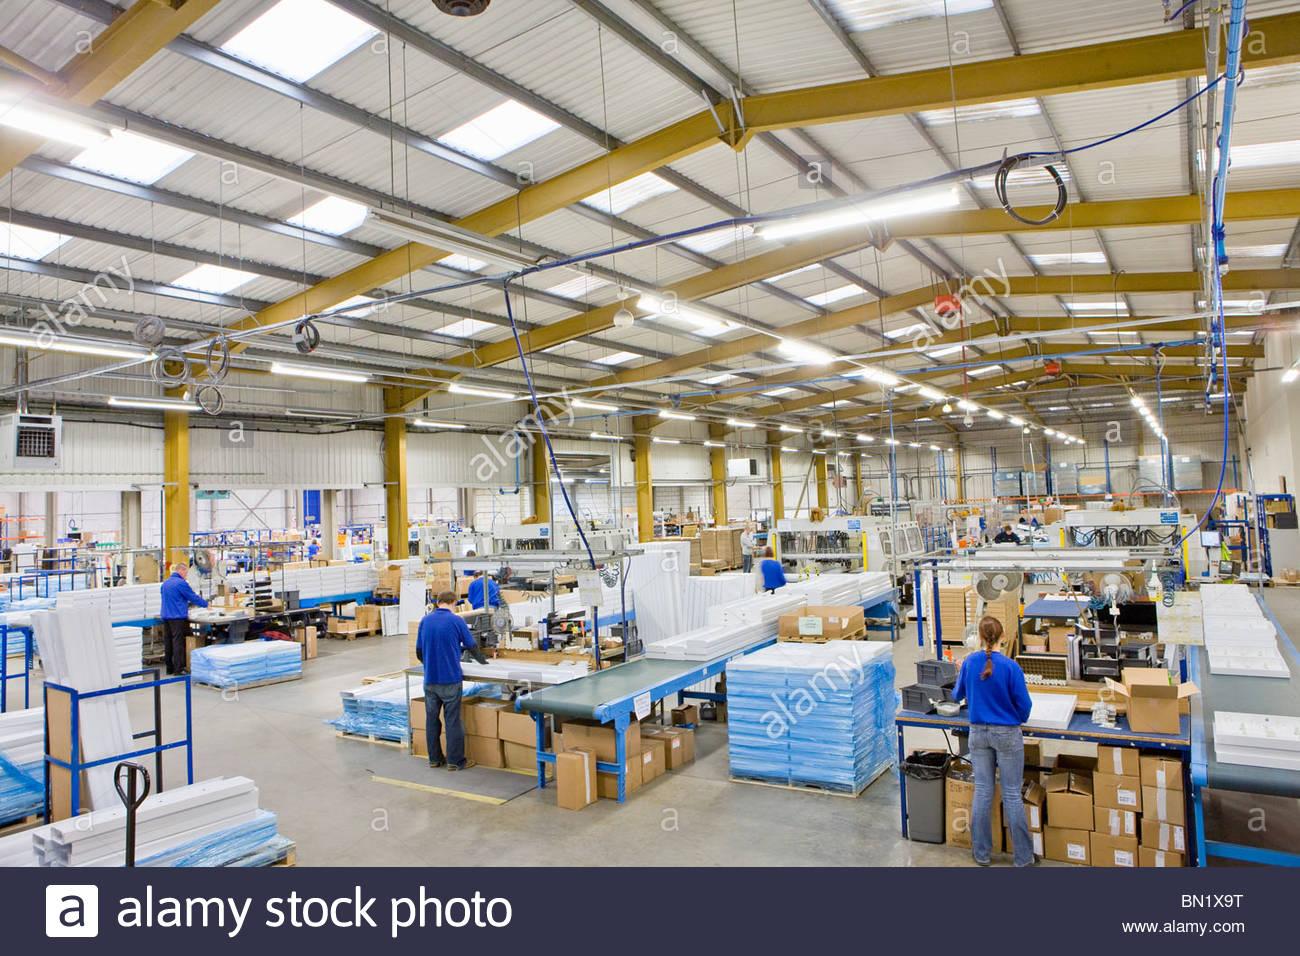 Les travailleurs sur la ligne de production en usine qui fabrique des raccords en aluminium Photo Stock